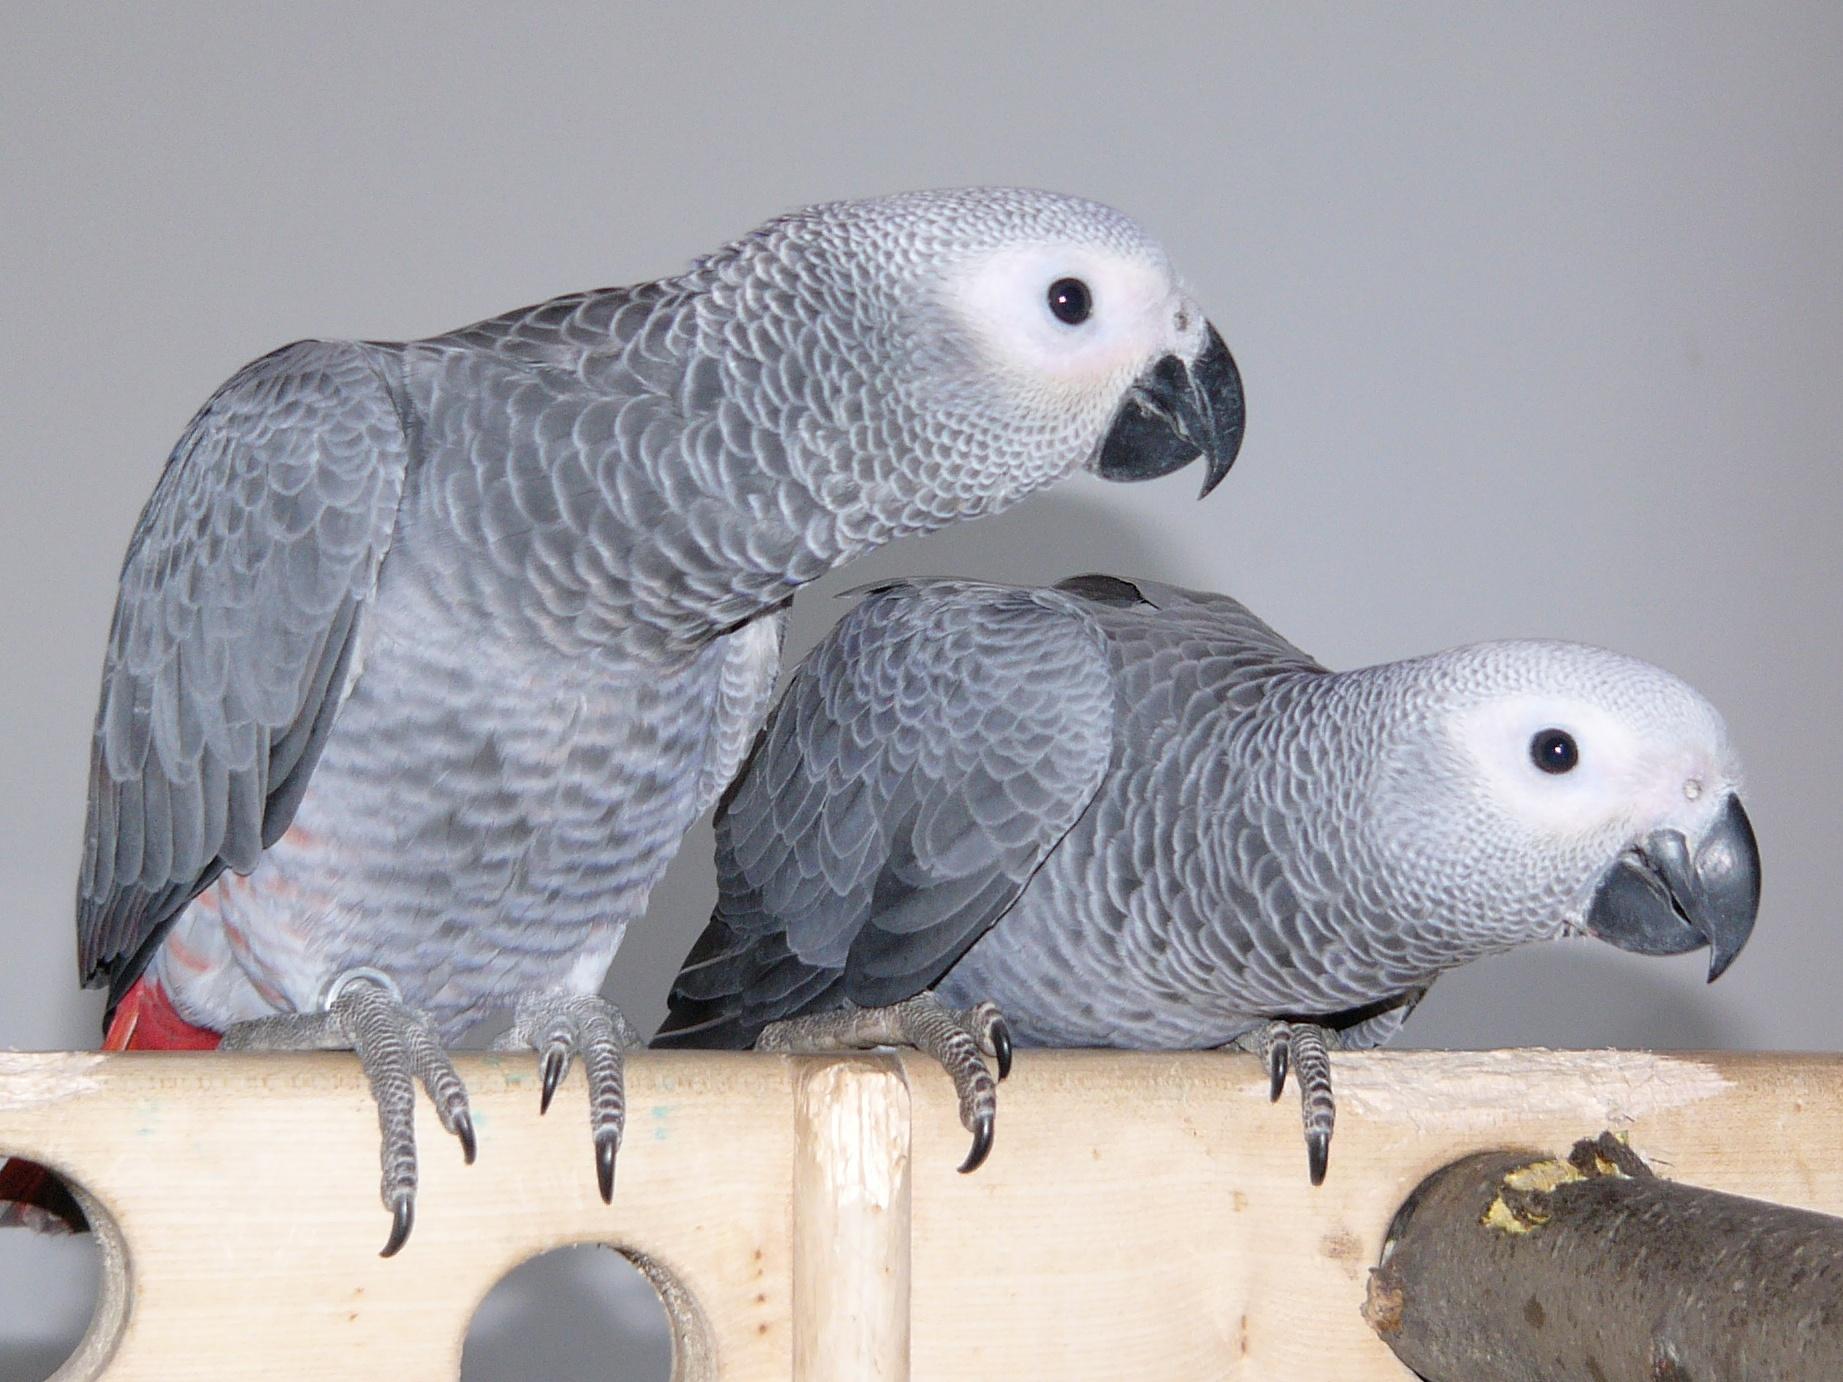 CITES: Od soboty začnou platit nová pravidla pro chovatele papoušků žako a zpracovatele dřeva ze vzácných dřevin